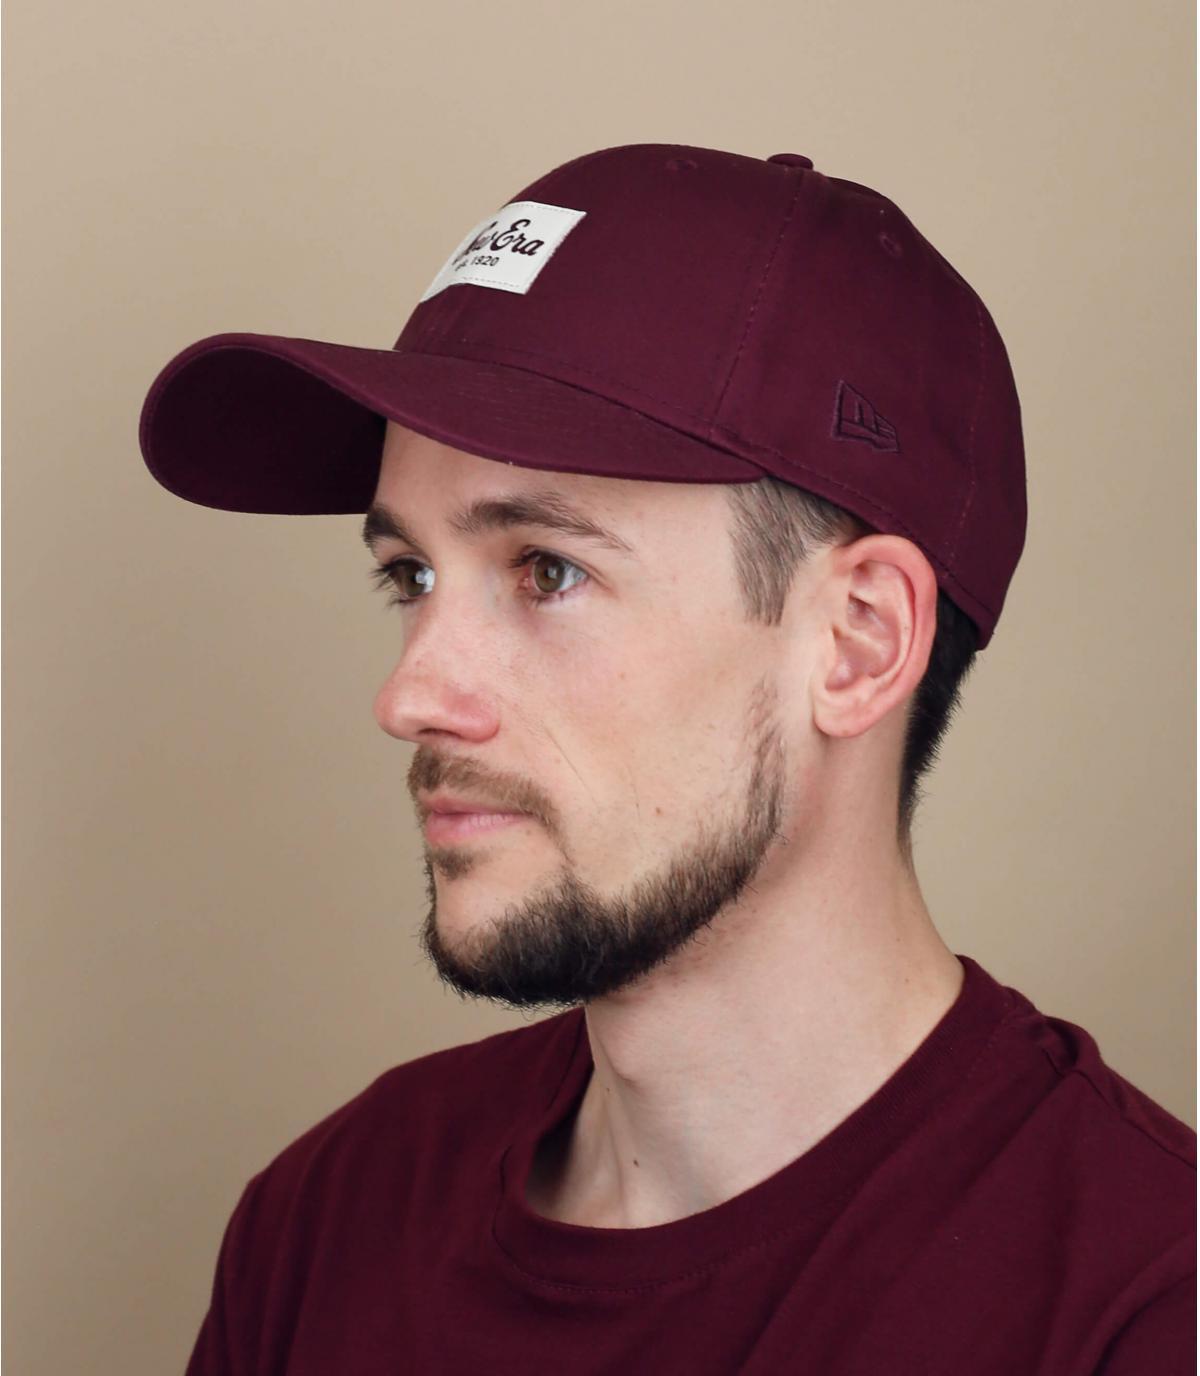 New Era burgundy cap.